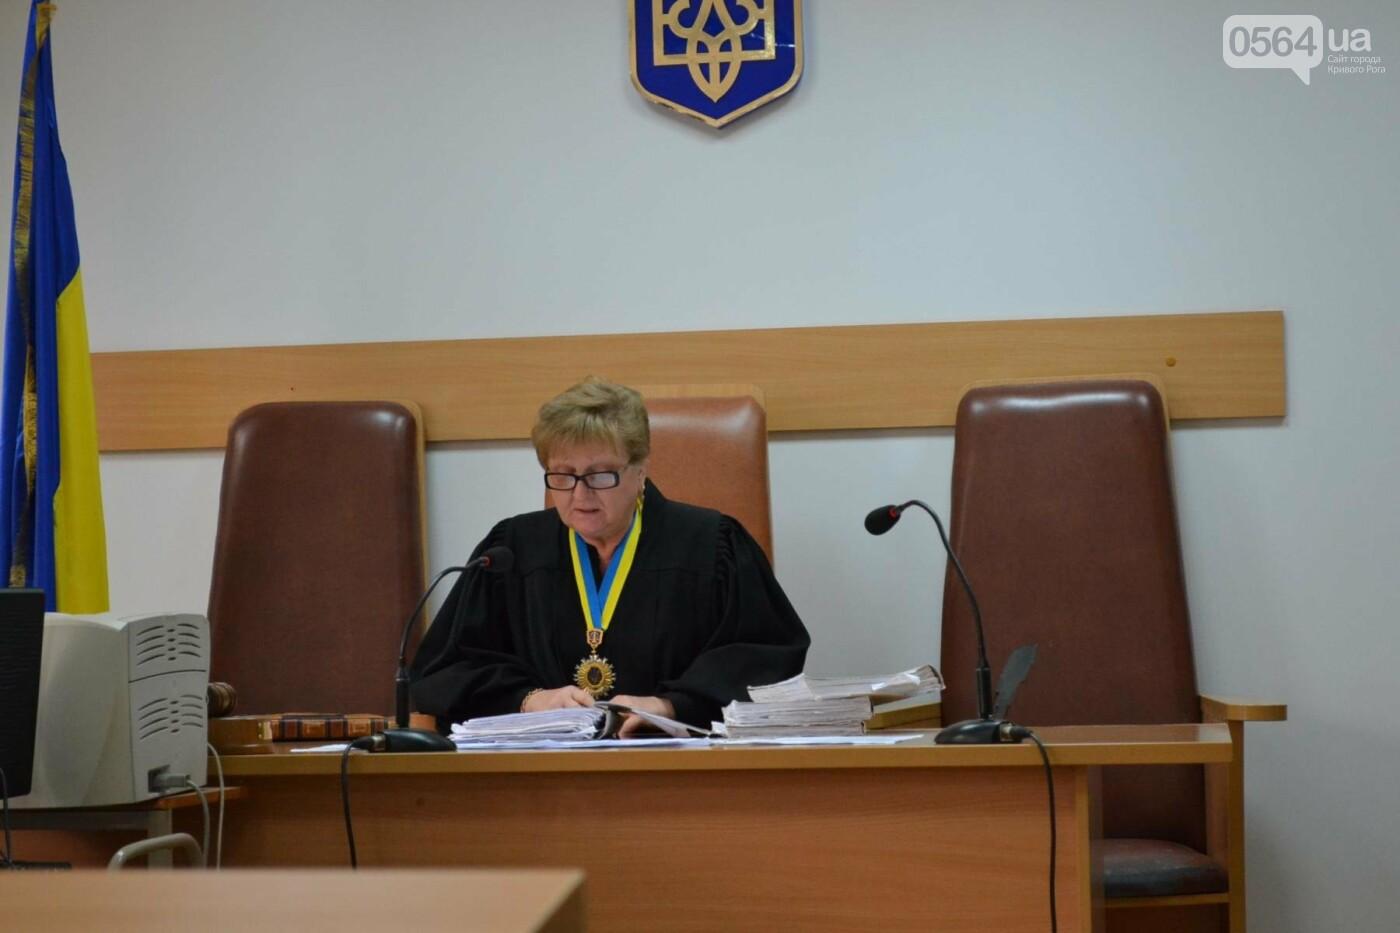 """Свидетель по делу лидера """"Автомайдана"""" в Кривом Роге заявил, что видел """"облако"""", - ФОТО, фото-4"""